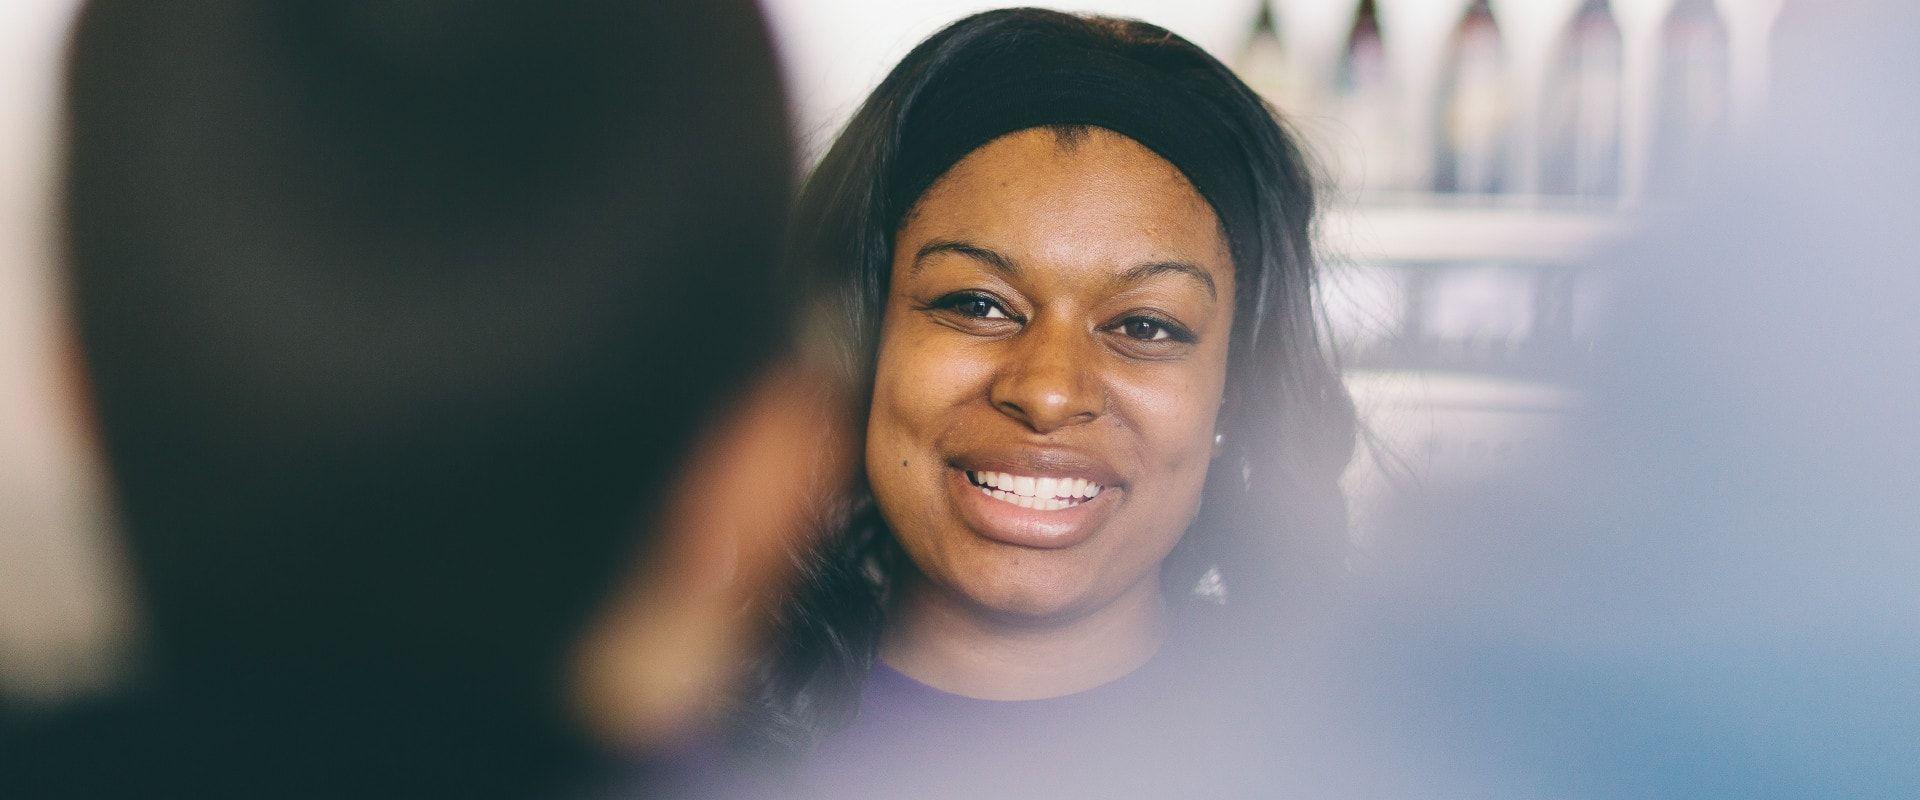 team member smiling